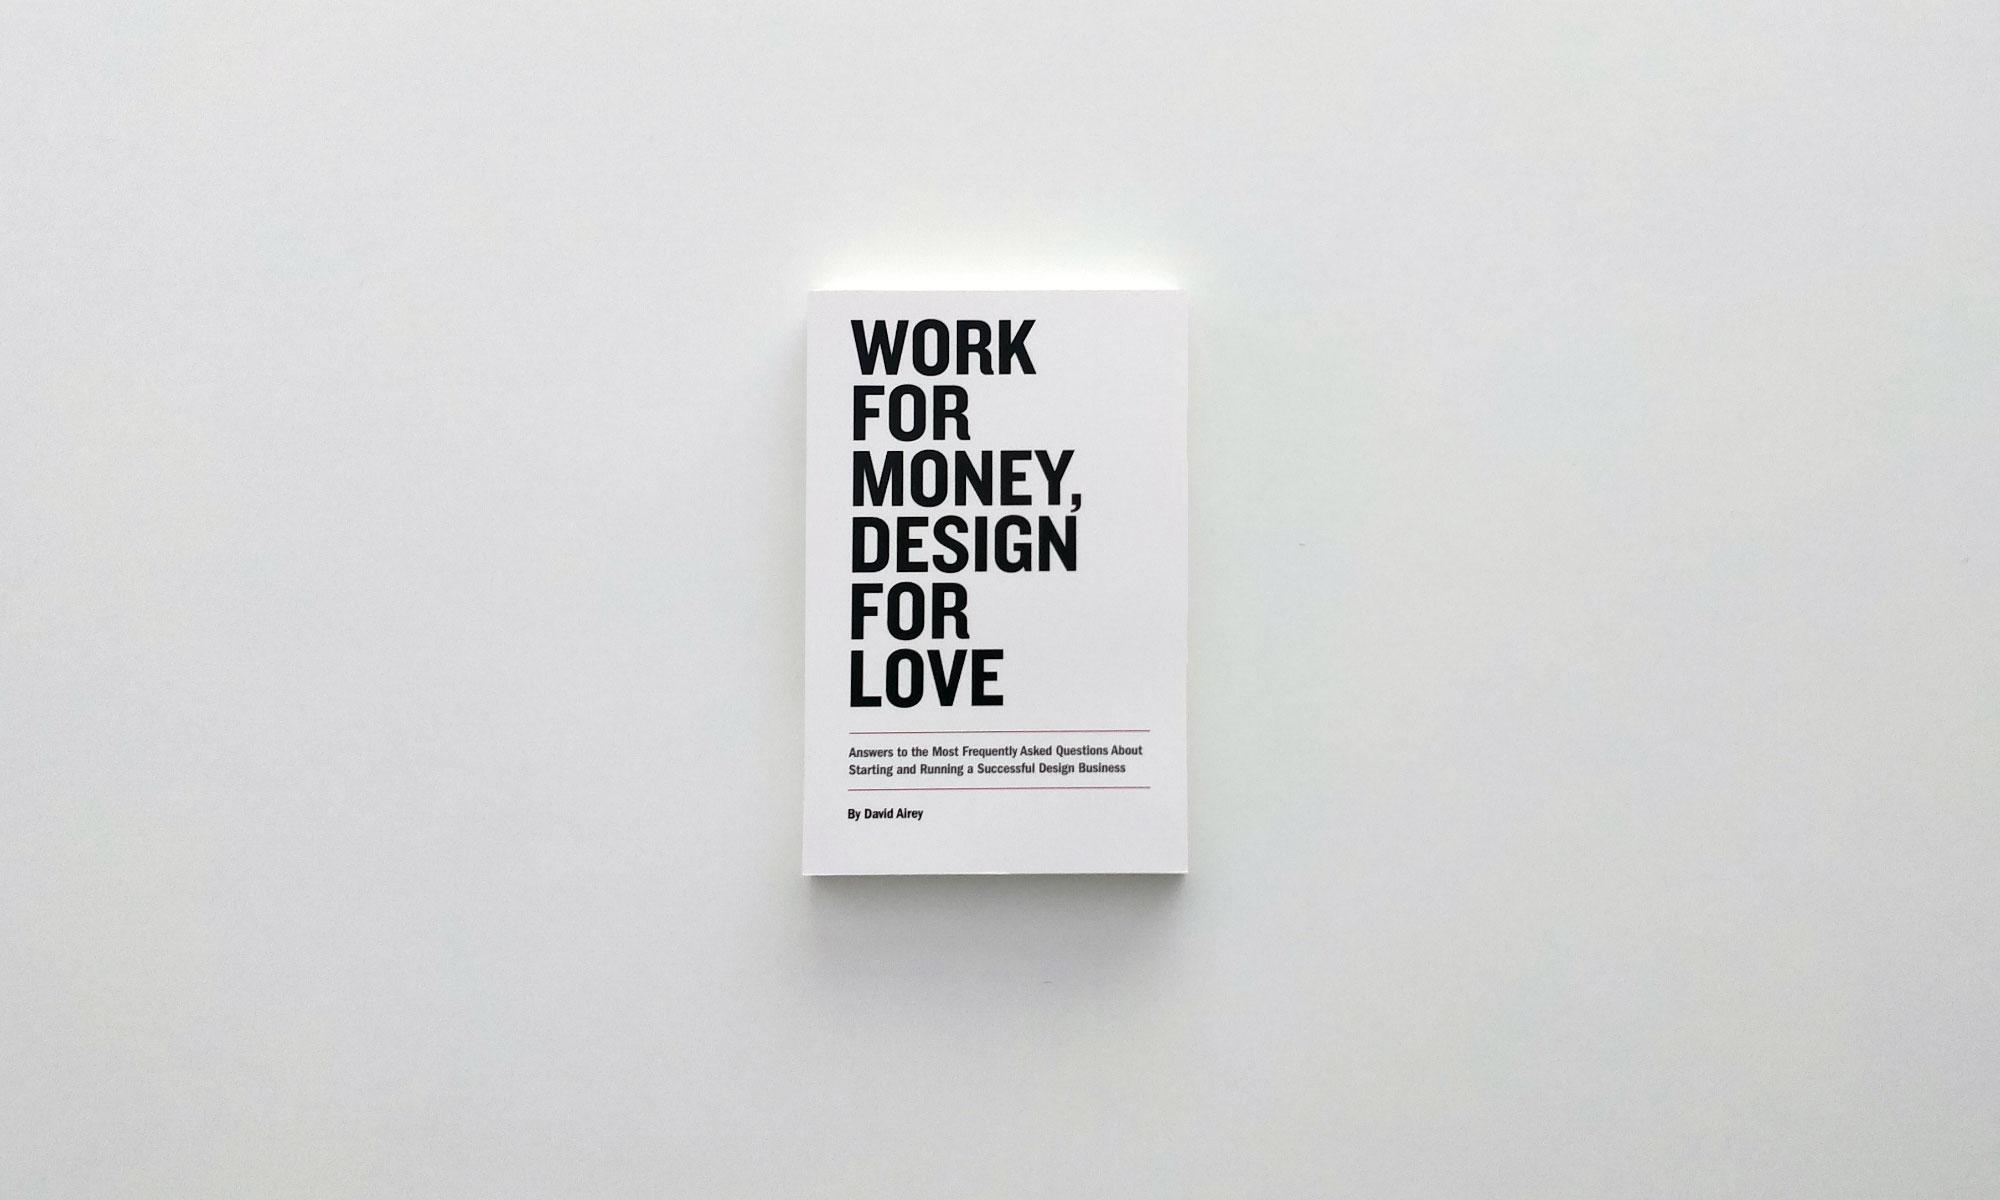 Work for Money, Design for Love